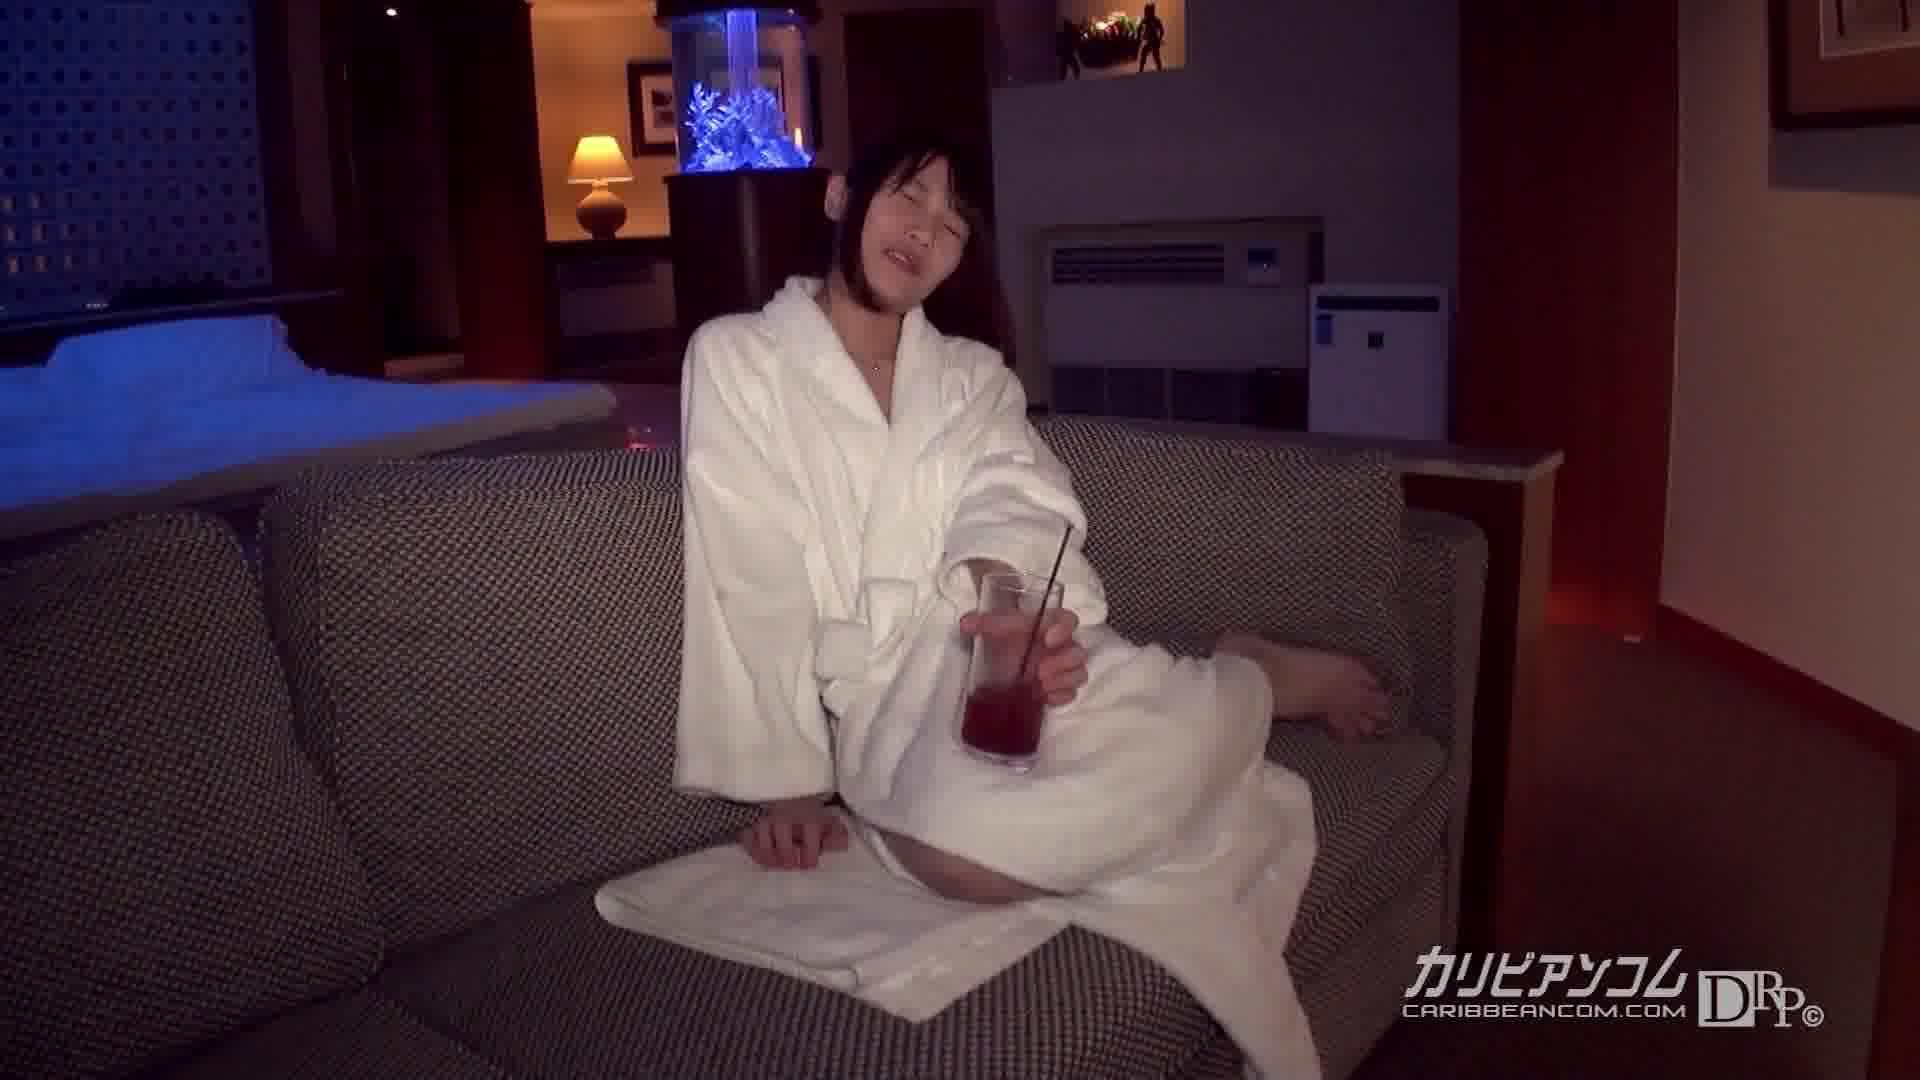 AV女優と飲み…そして泊まりSEX by HAMAR 3 後編 - 優木あおい【ハメ撮り・ドキュメンタリー・中出し】